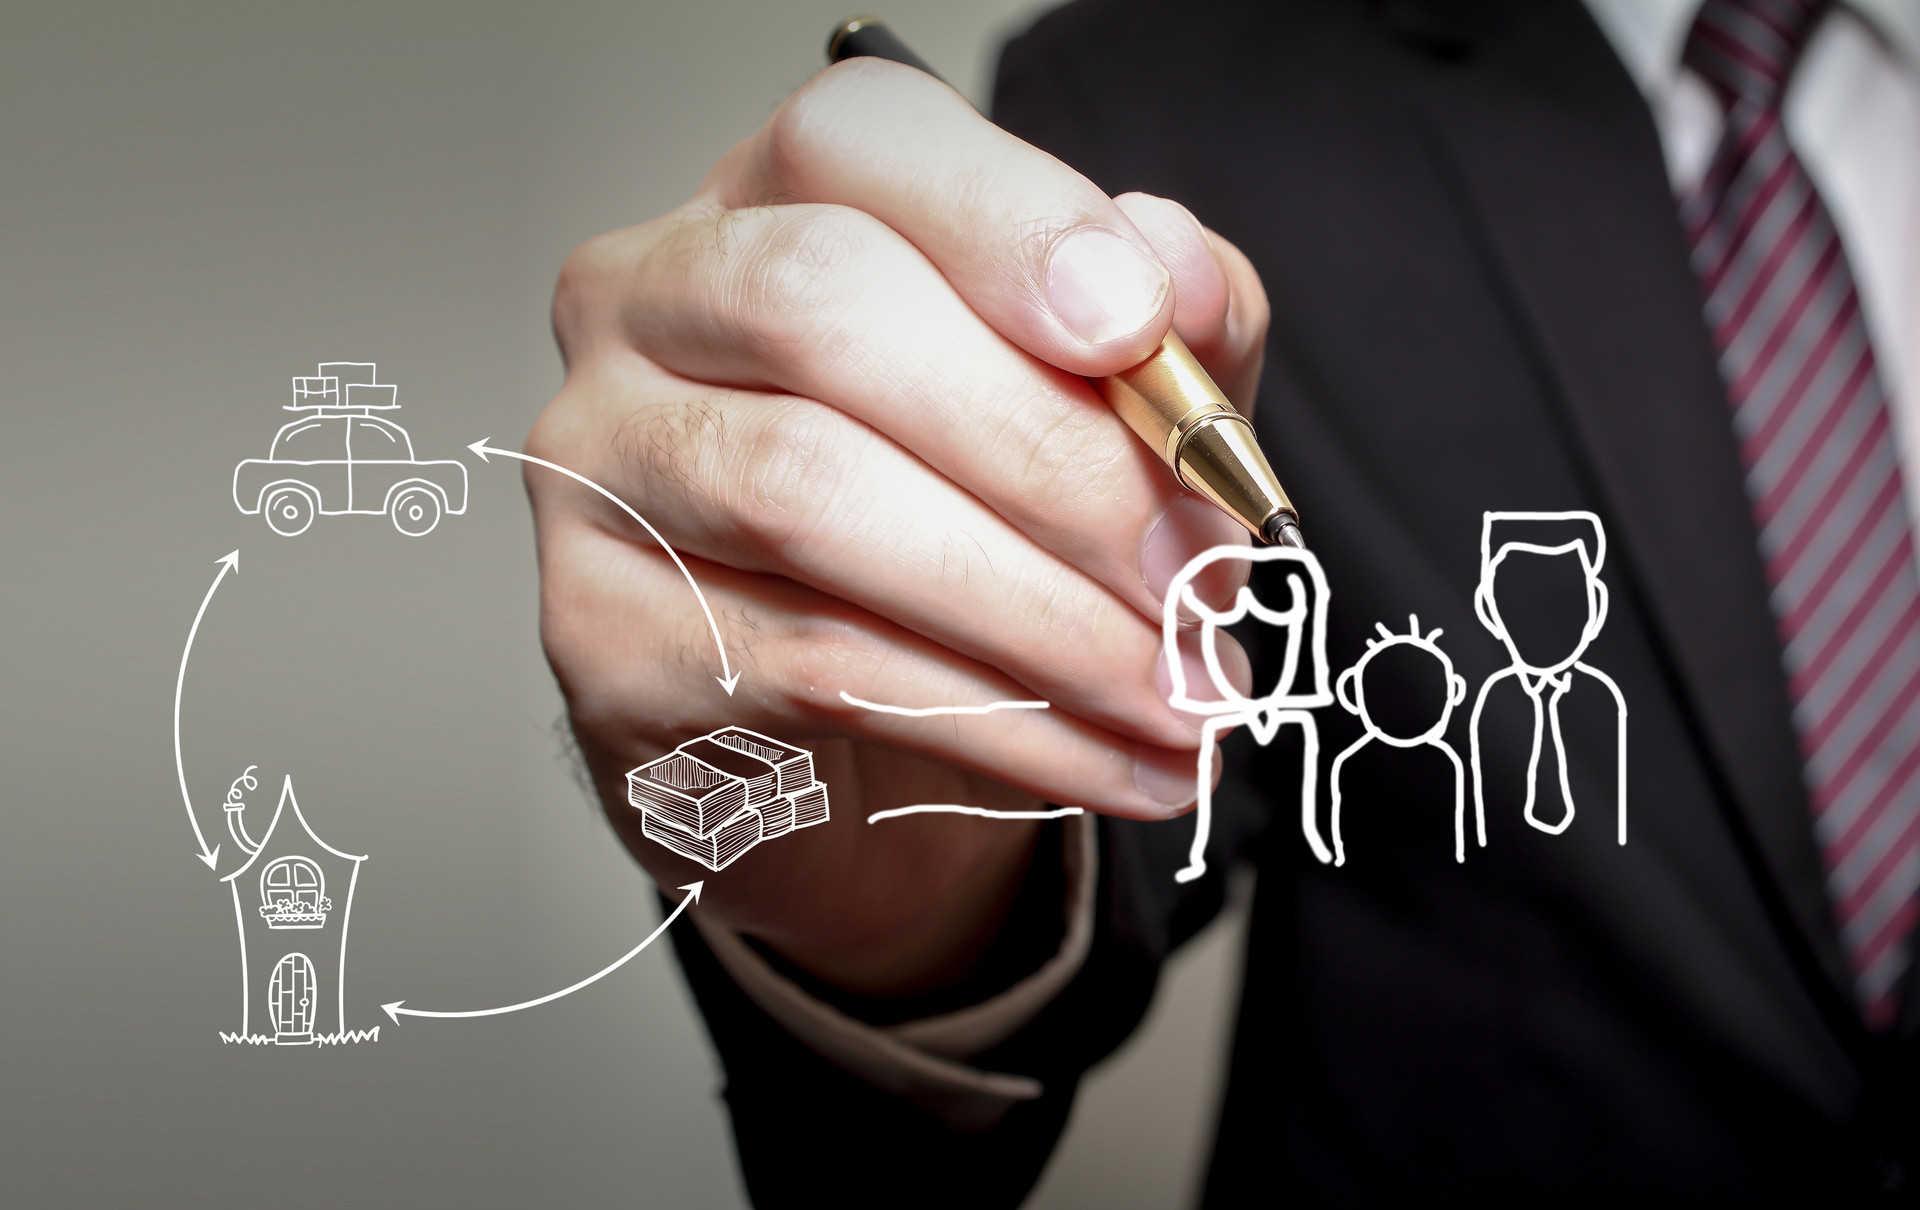 杭州社保代缴公司有什么服务?能给企业带来哪些好处?